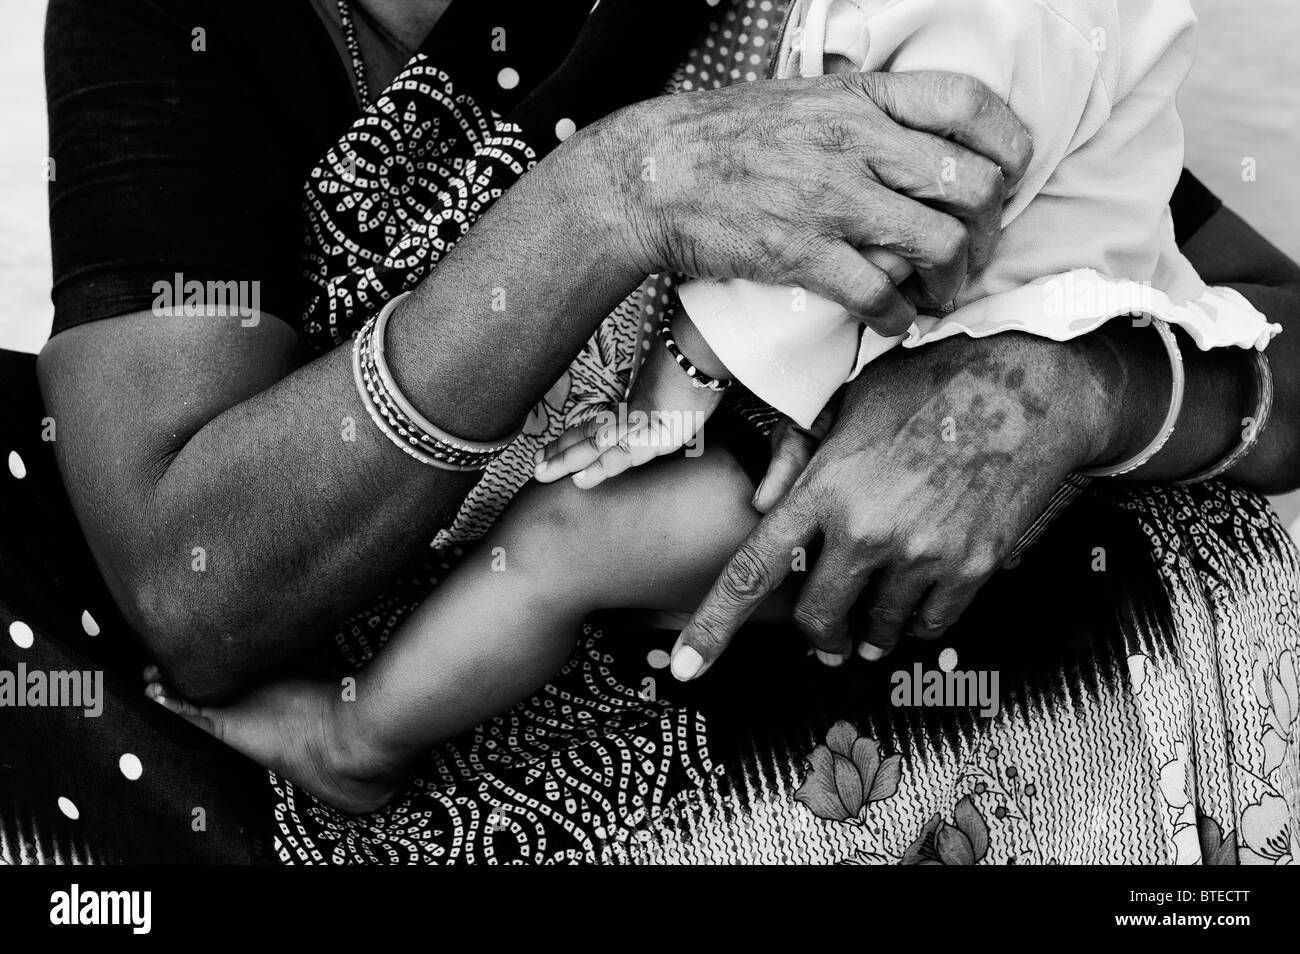 Nonna indiano mani e neonati a piedi nudi. Andhra Pradesh, India. Monocromatico Immagini Stock